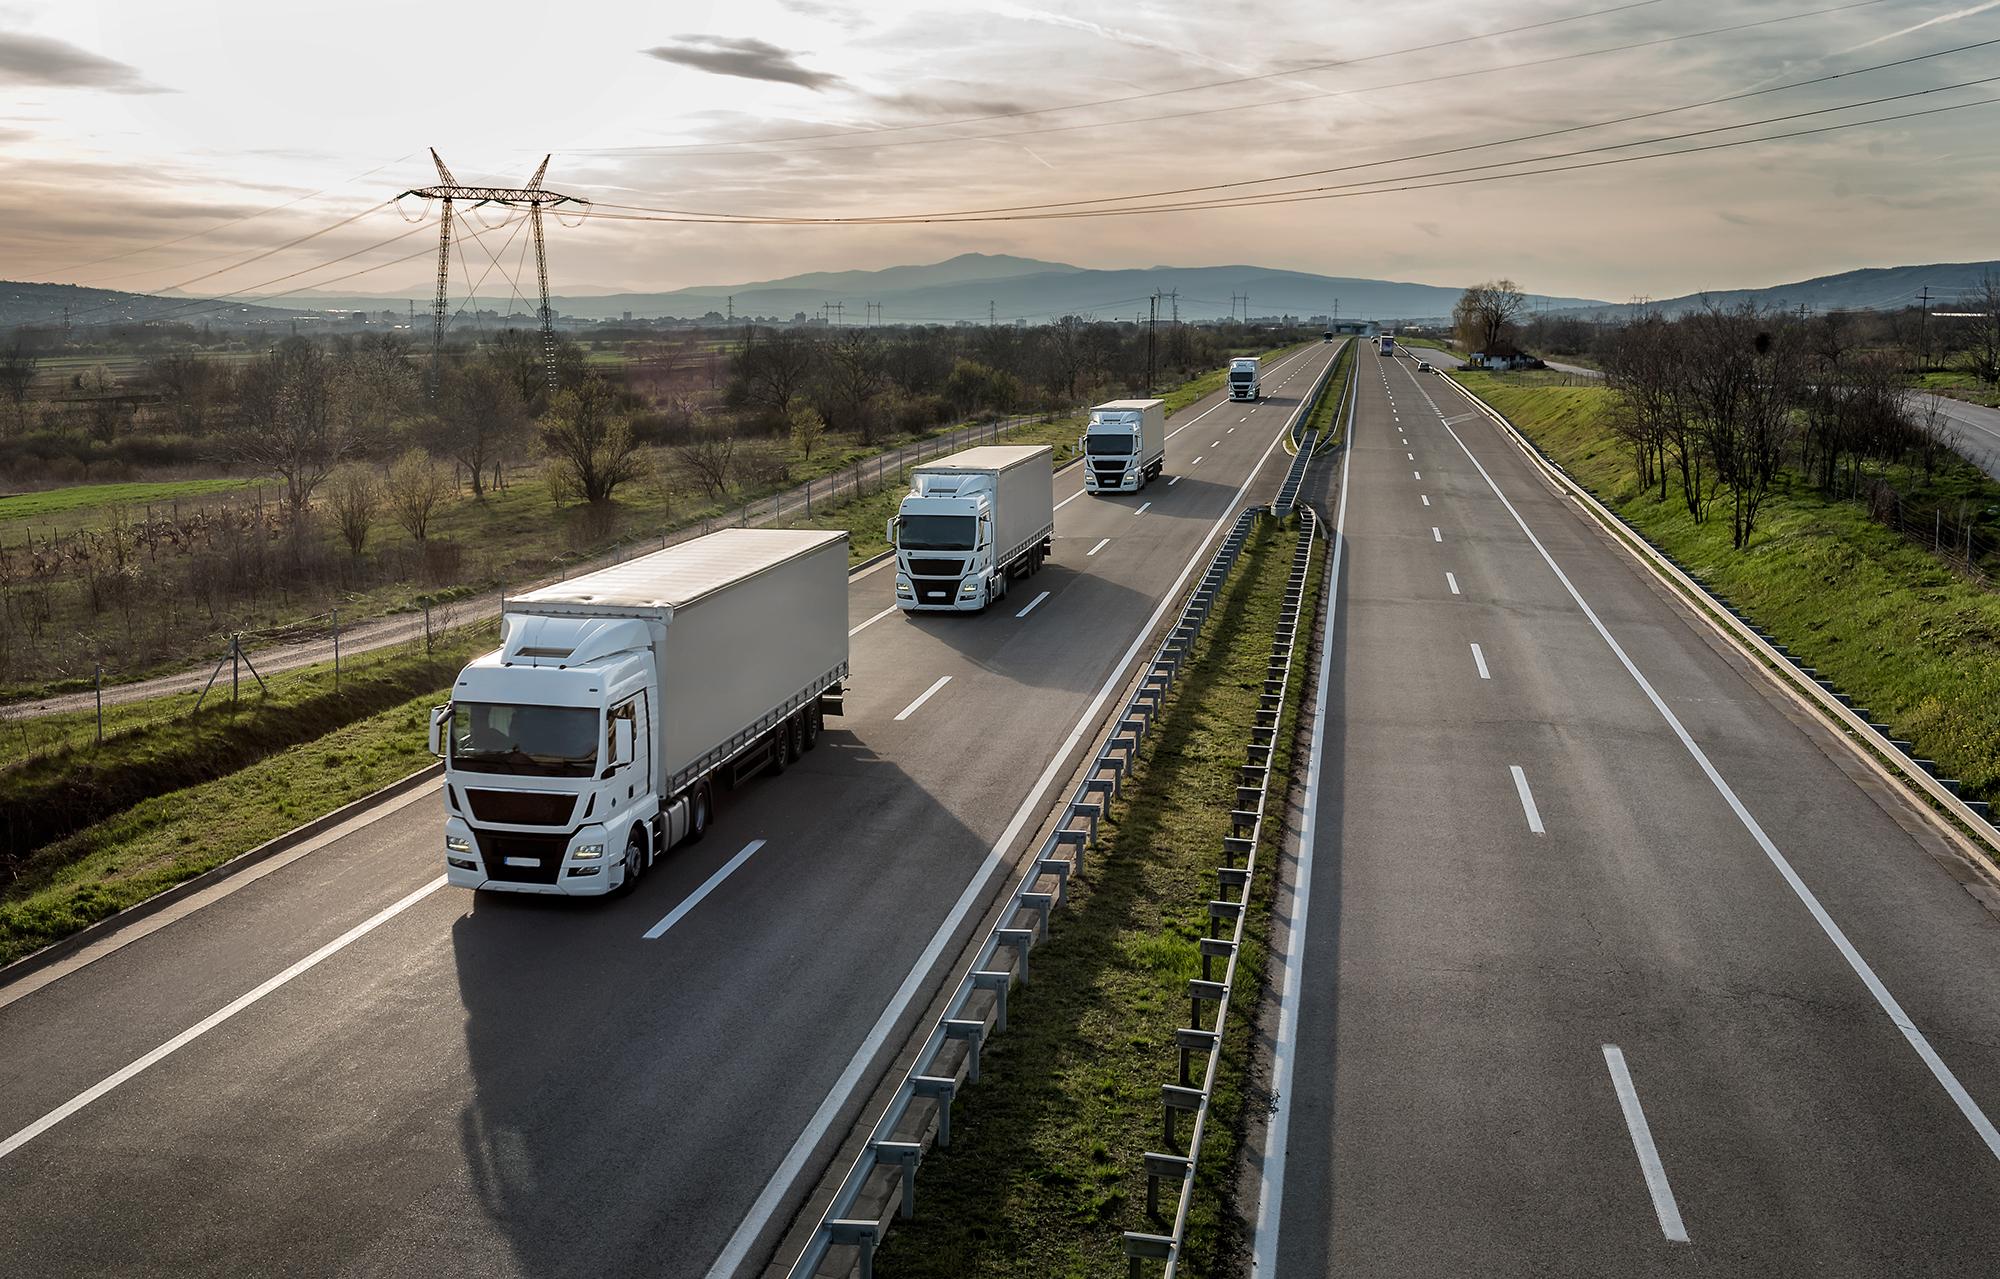 Electric Vehicles Now, MEG, Ideanomics